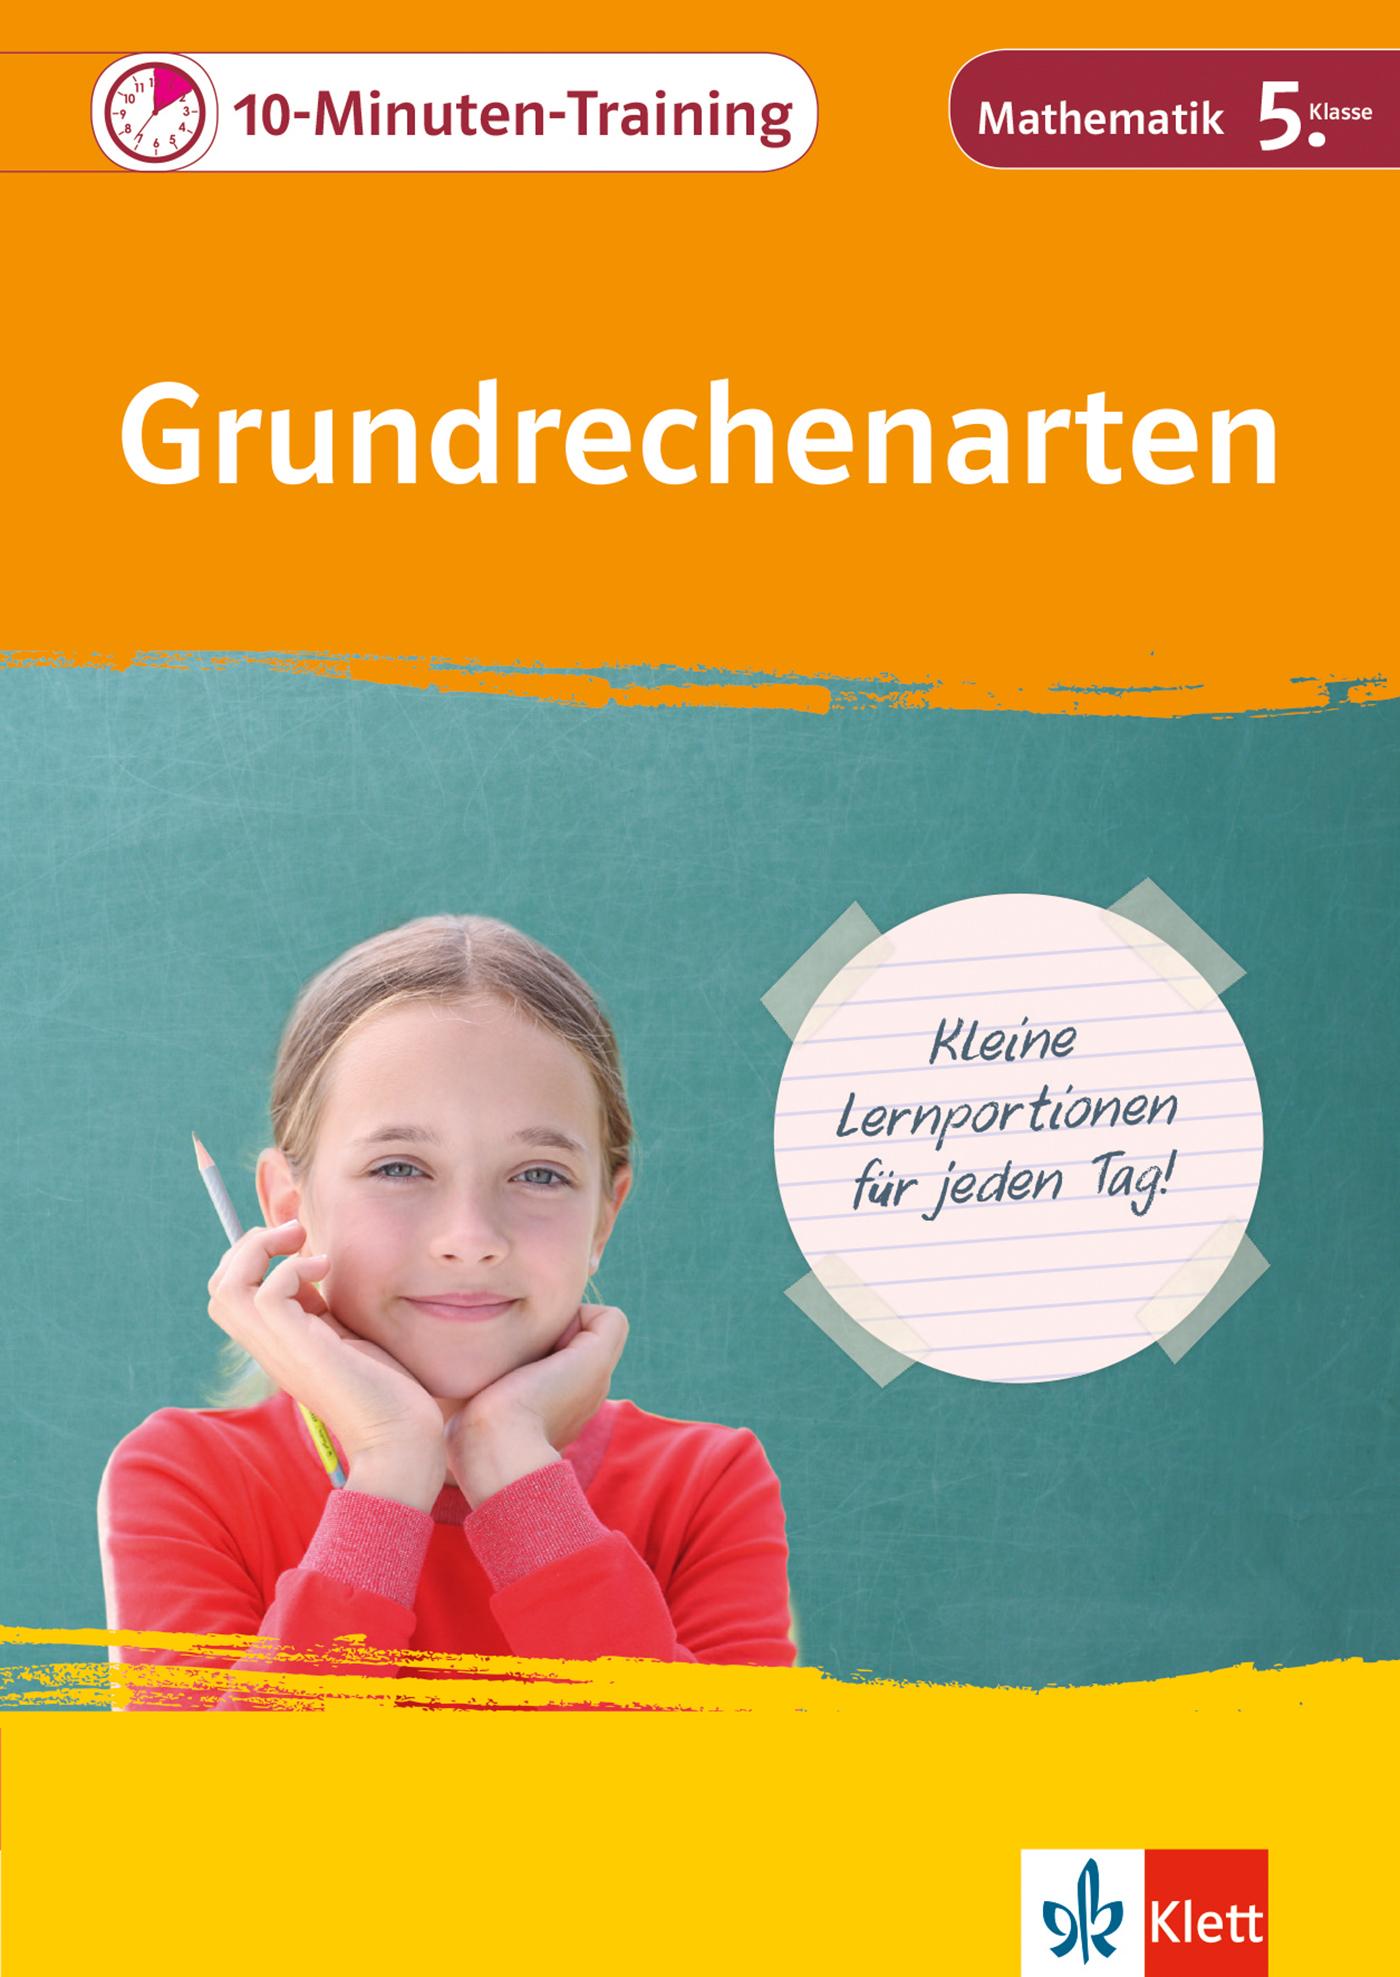 Klett 10-Minuten-Training Mathematik Grundrechenarten 5 über Mathe Online Lernen 5 Klasse Gymnasium